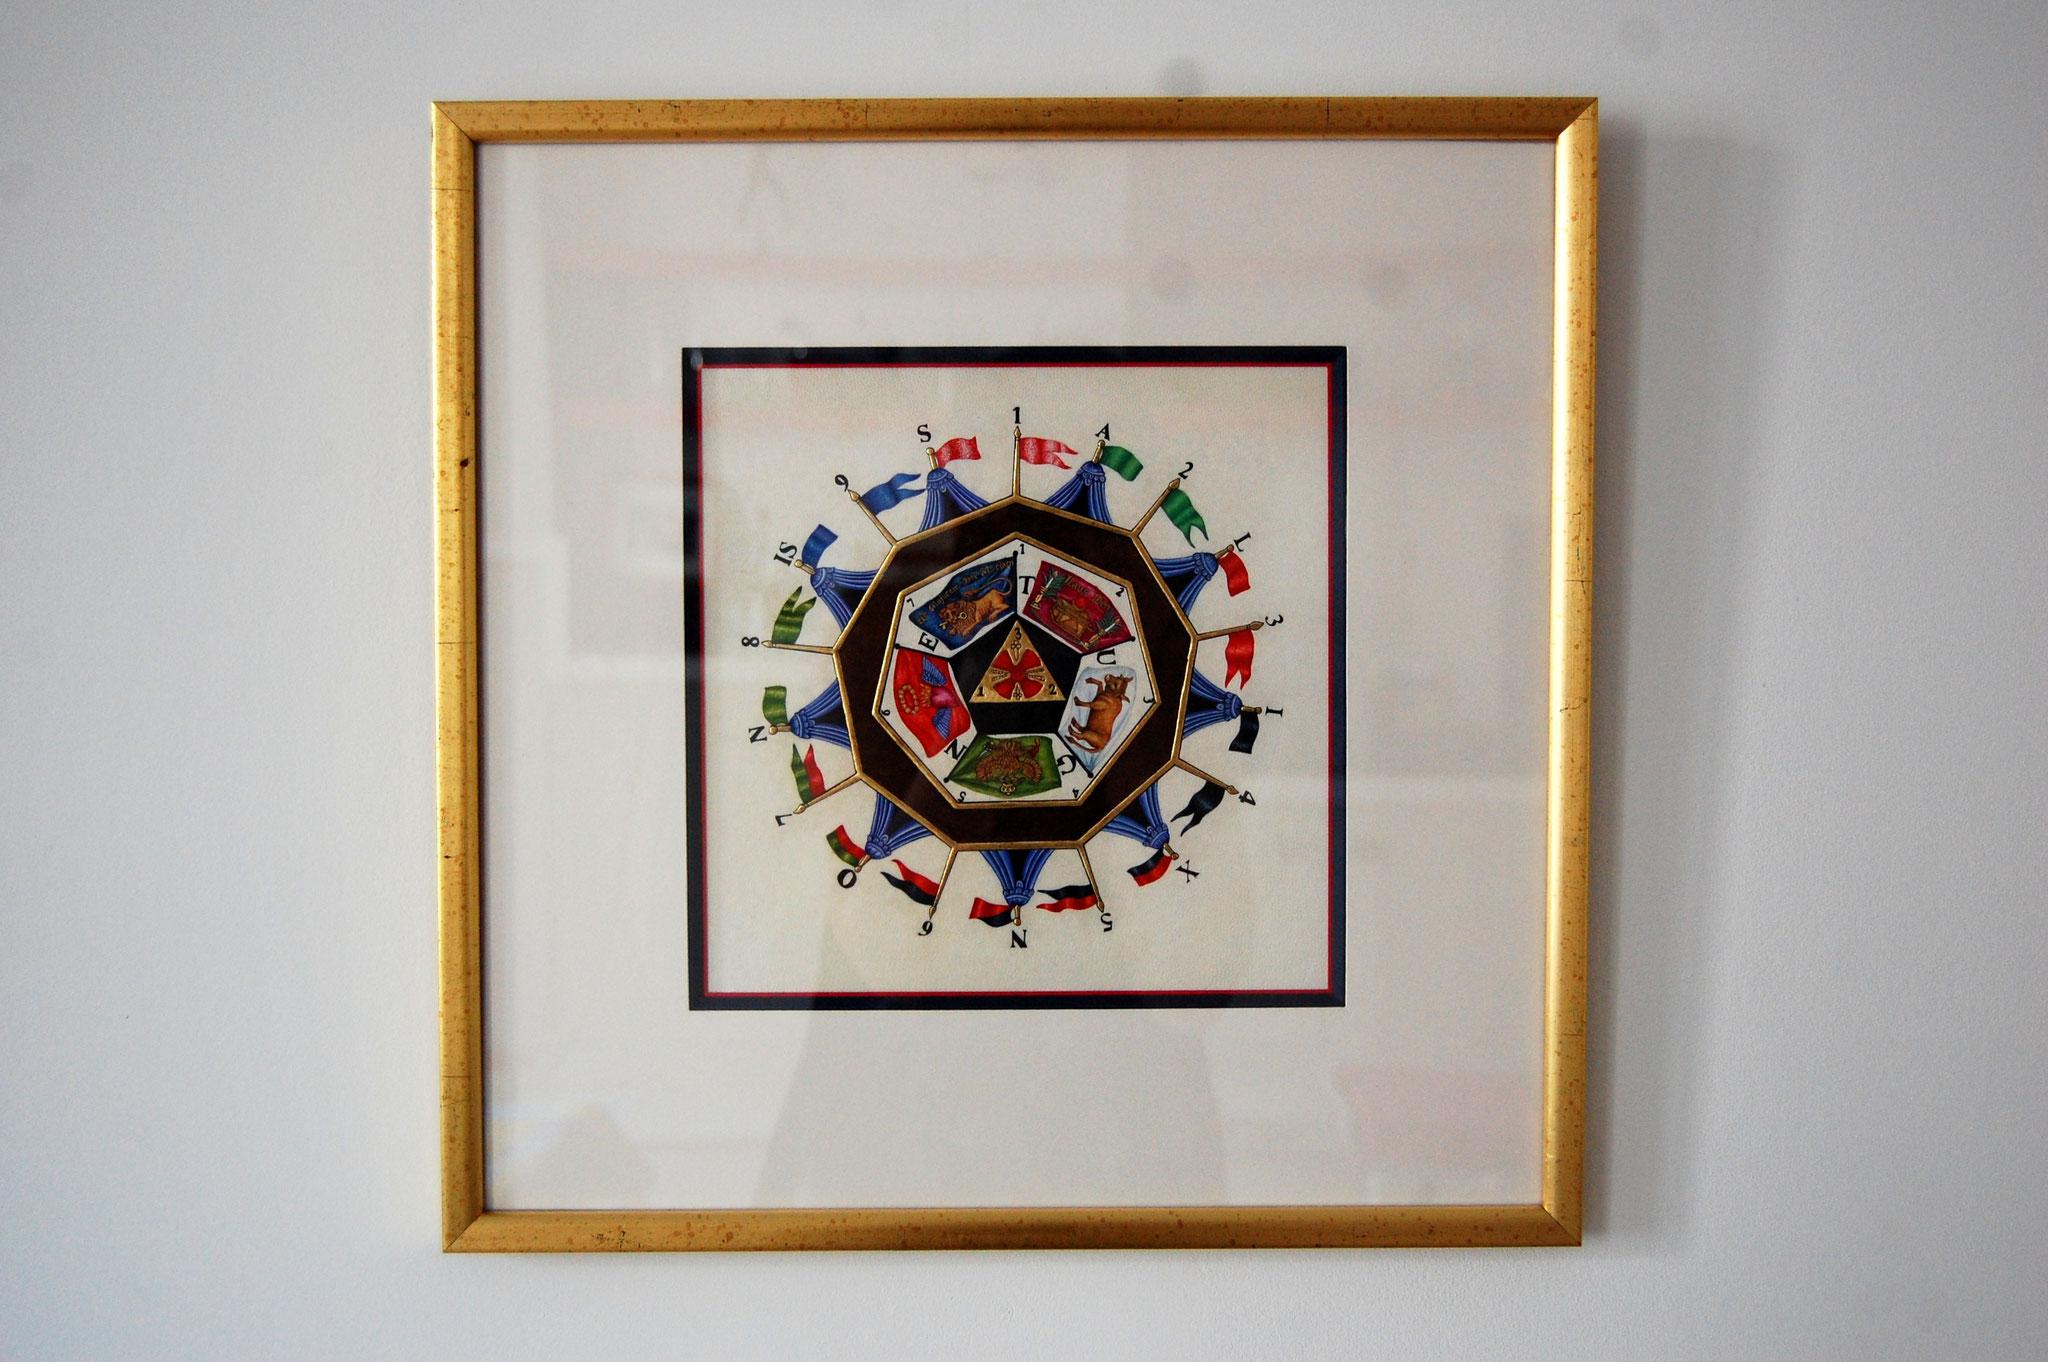 Le sceau du Sublime Prince du Royal Secret réalisé en enluminure par Sandra Clerbois dans son cadre.